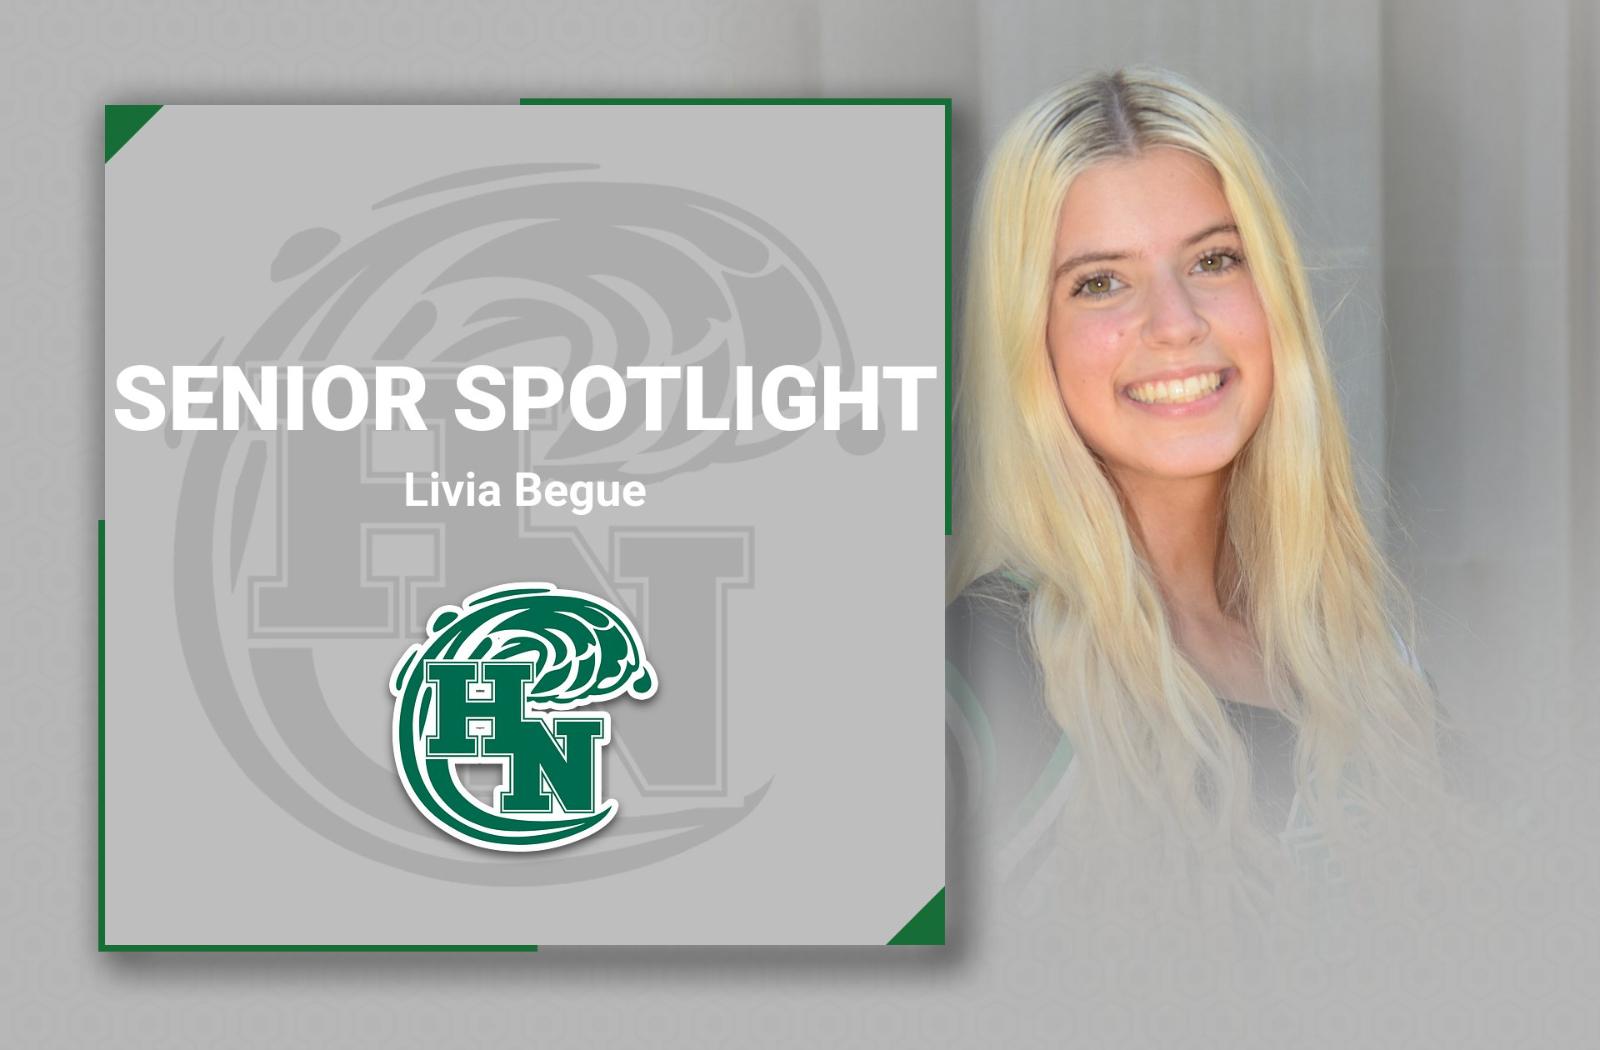 Senior Spotlight -Livia Begue